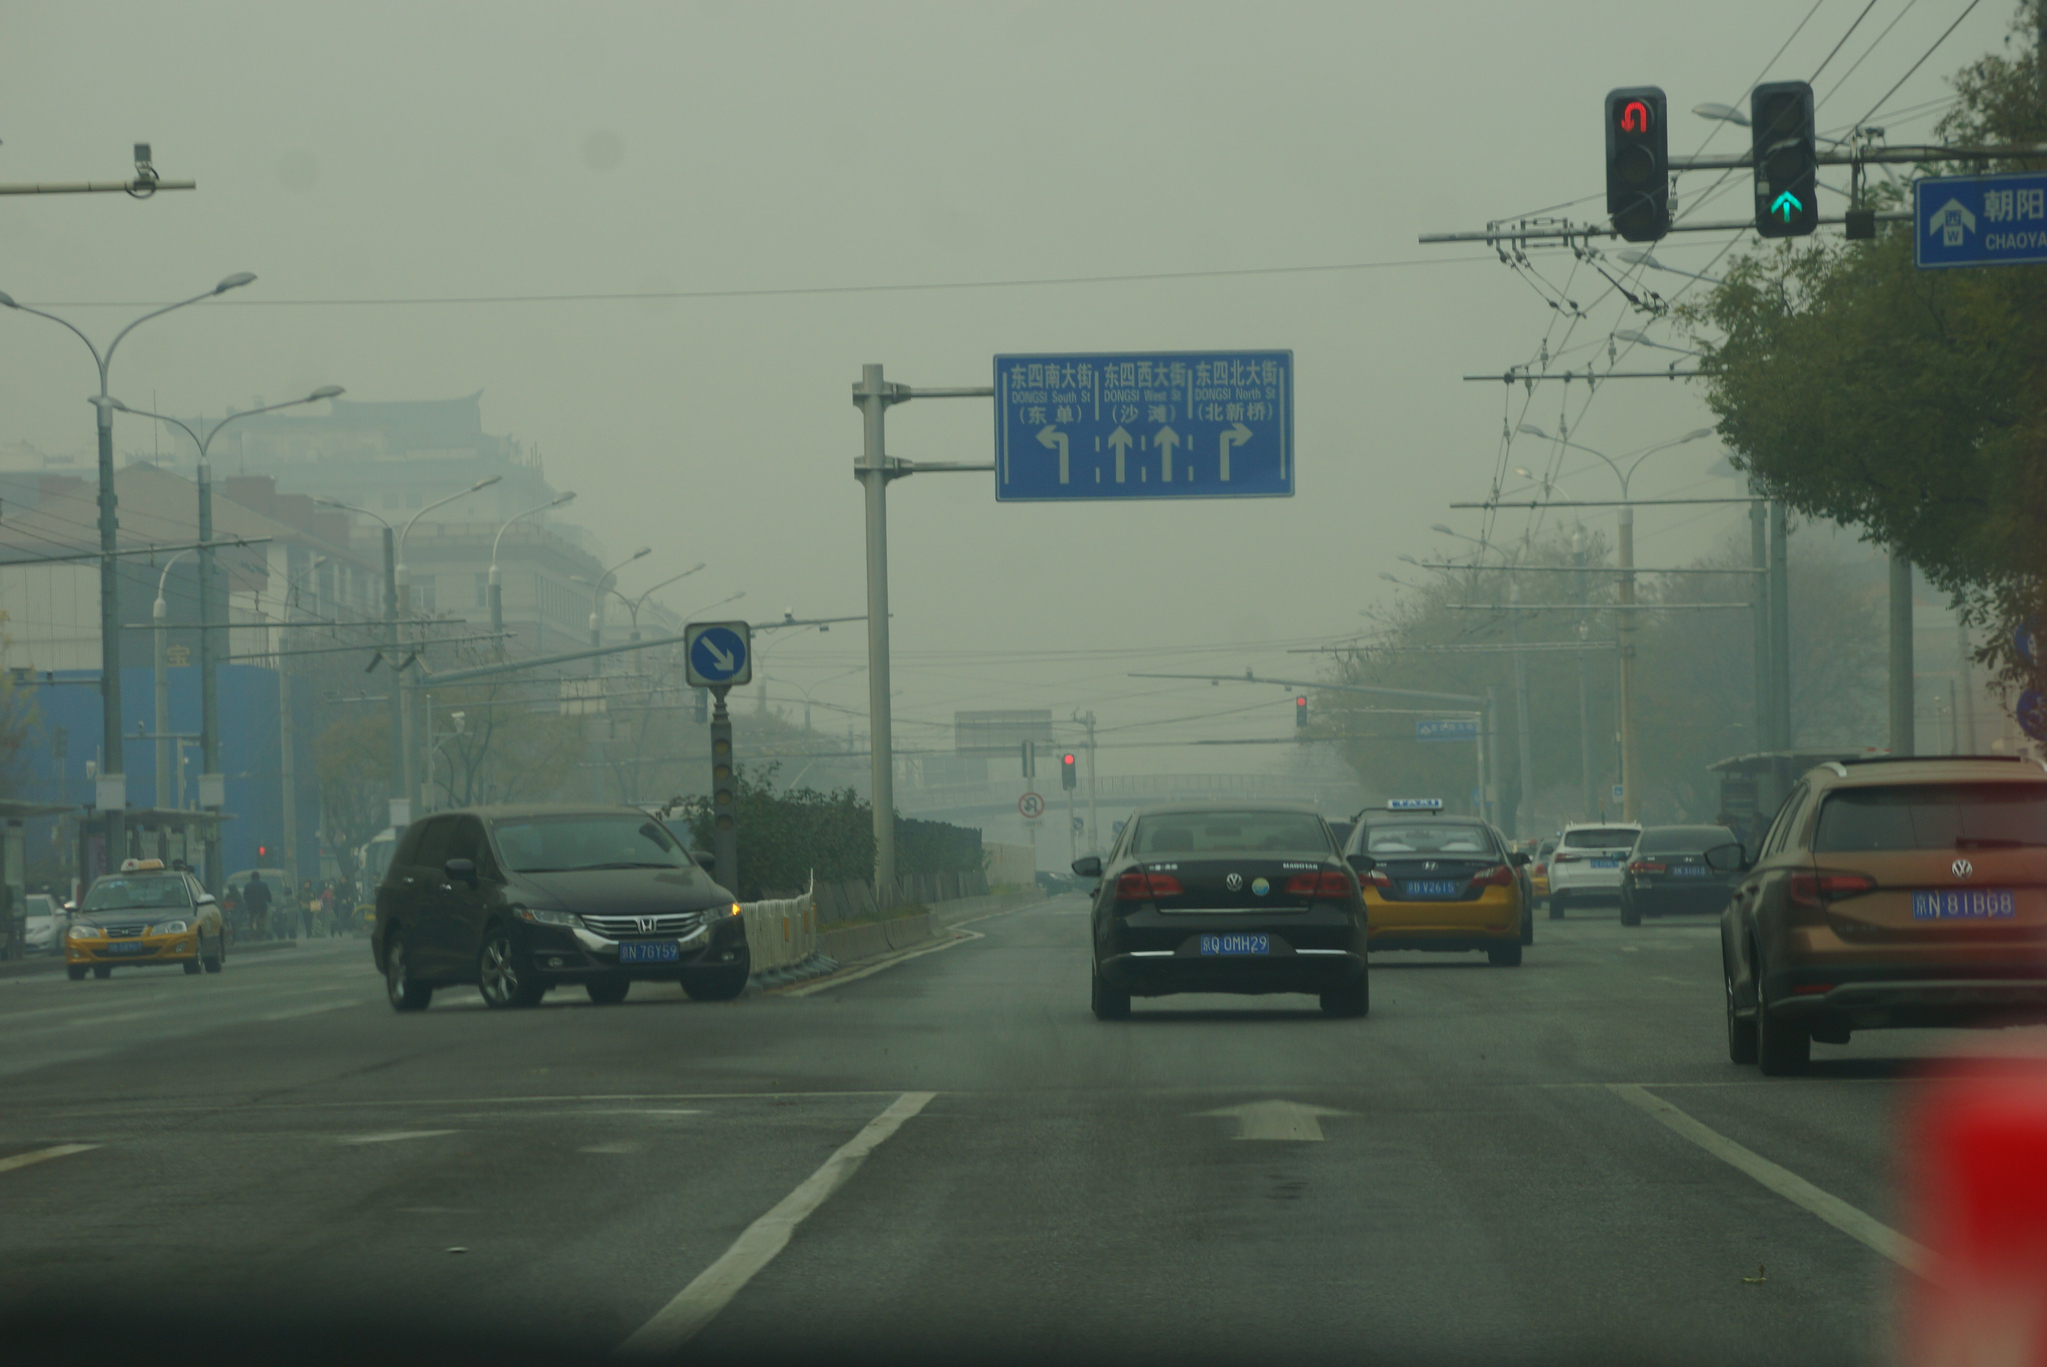 지난해 11월 26일 미세먼지가 가득한 중국 베이징 시내. 한낮인데도 신호등 불빛도 잘 보이지 않았다. 베이징=강찬수 기자